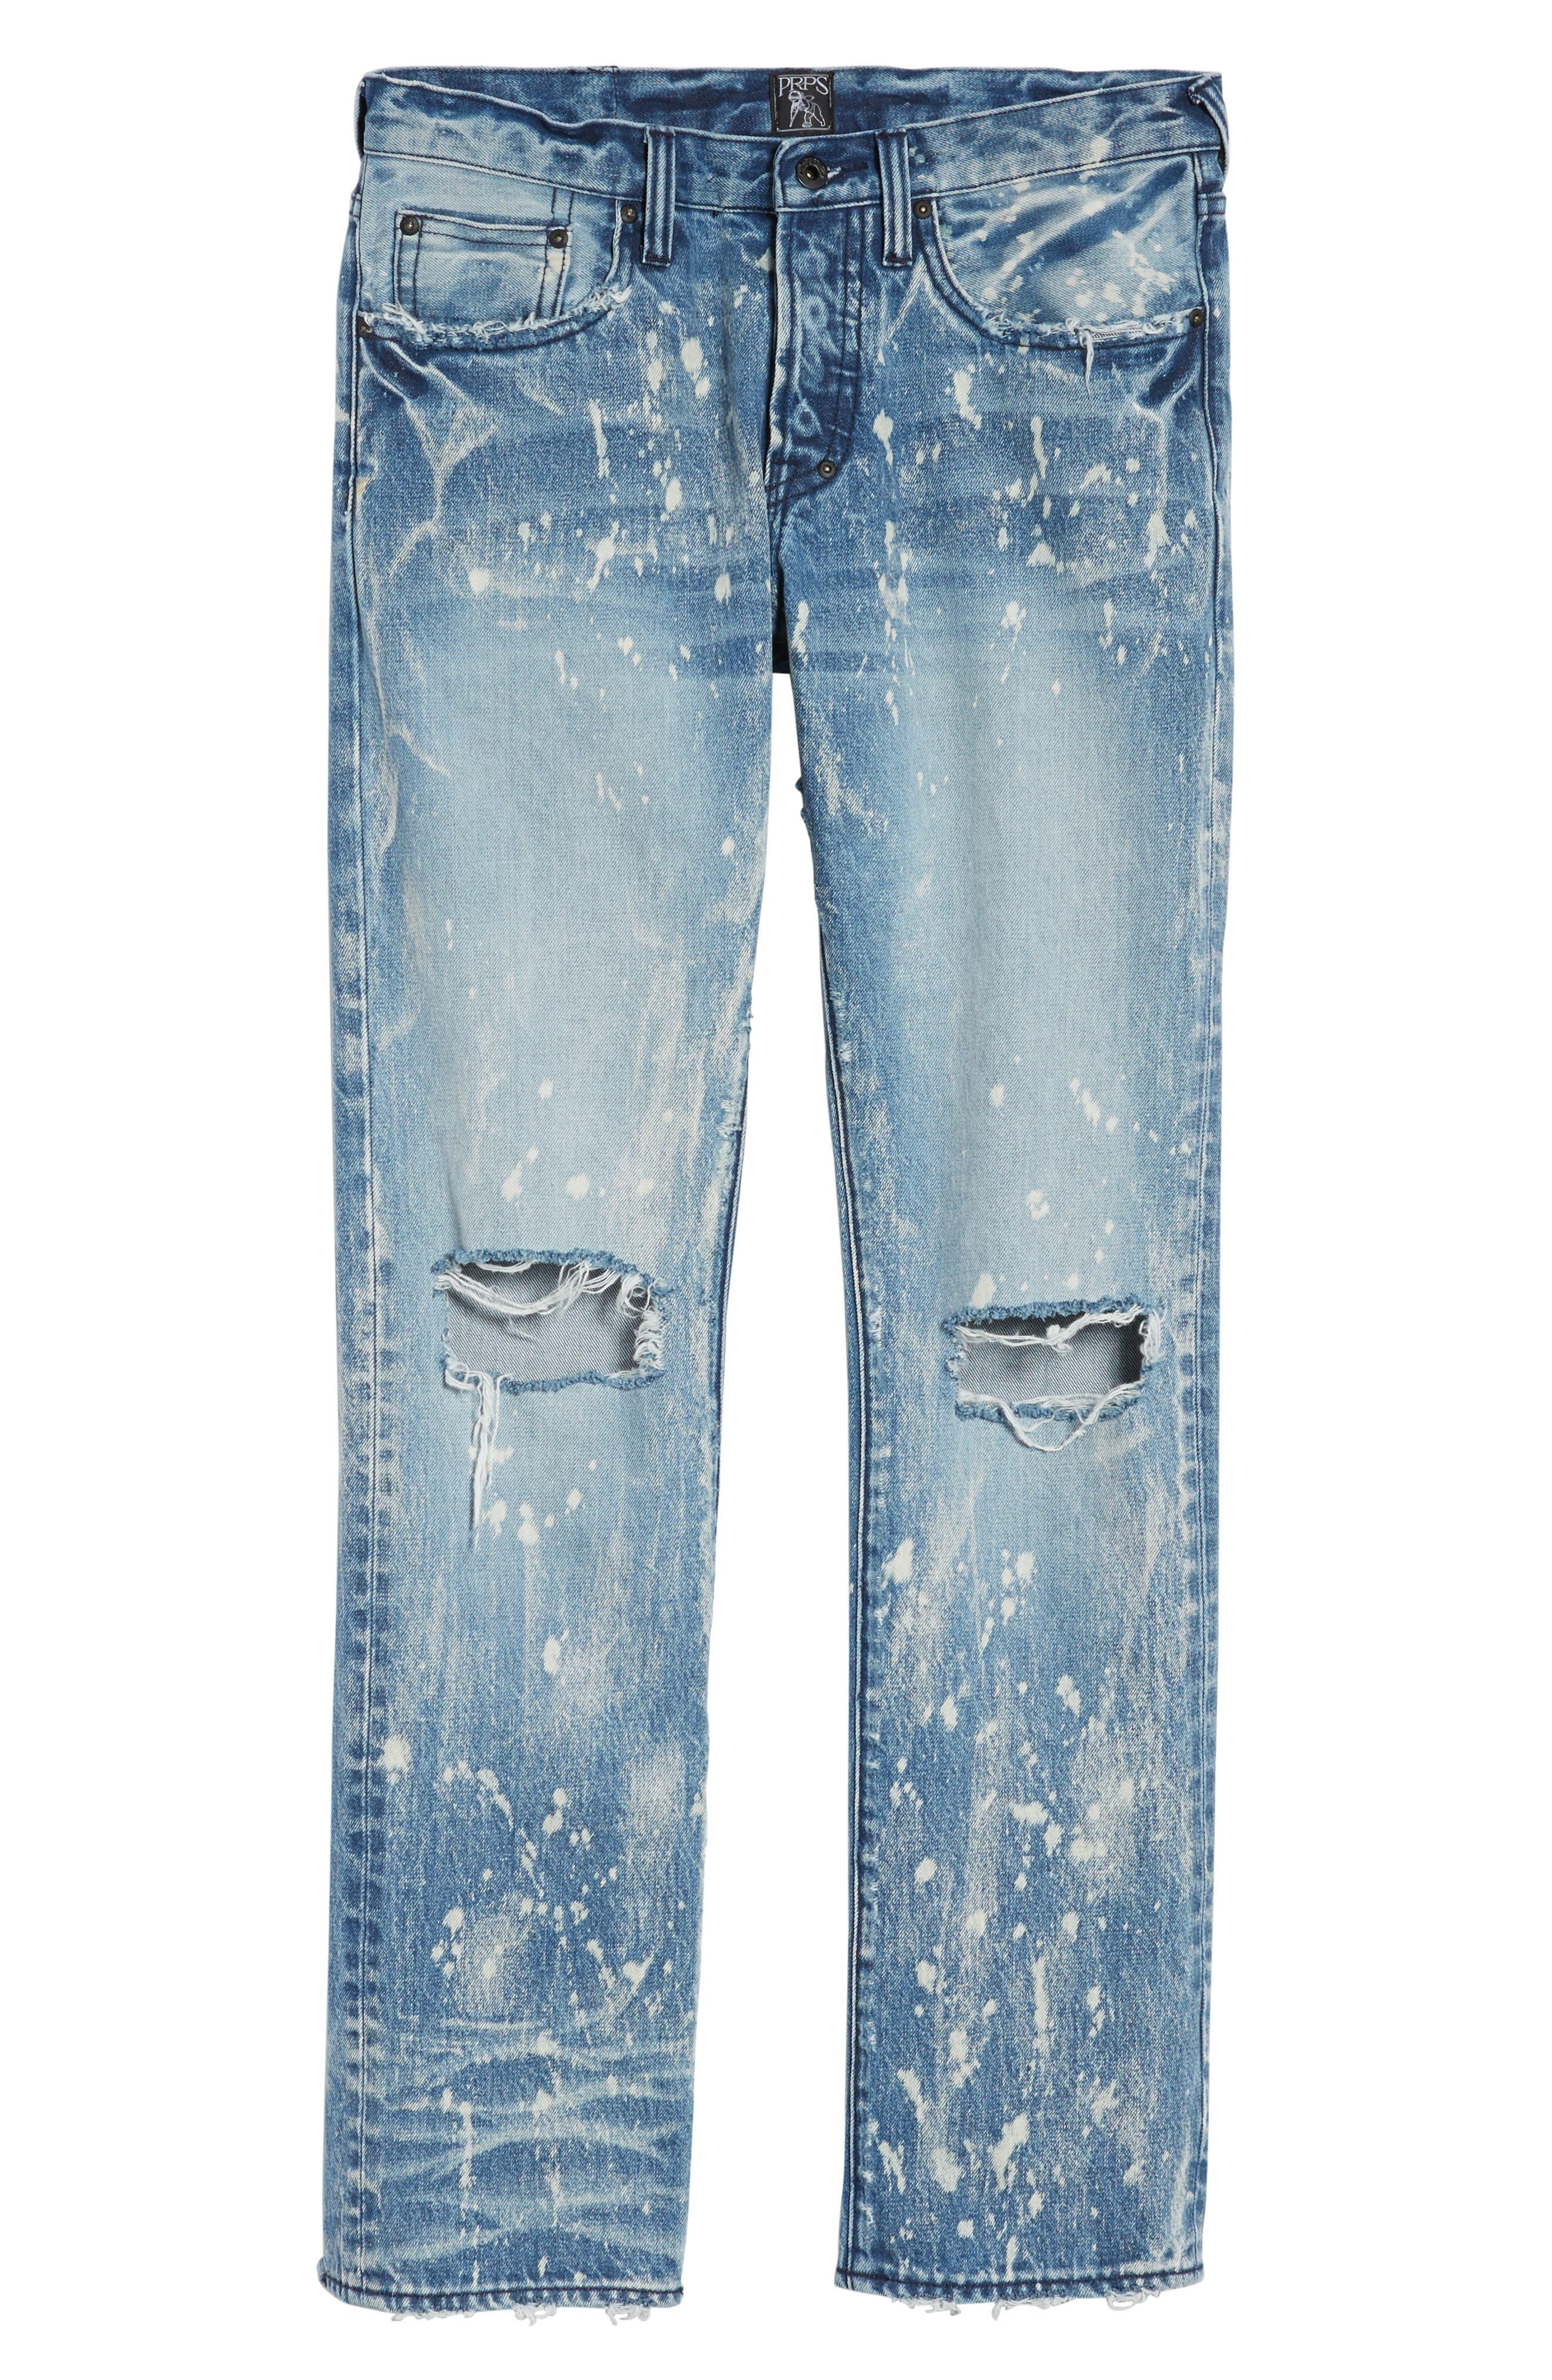 Demon Slim Straight Leg Jeans,                             Alternate thumbnail 6, color,                             490